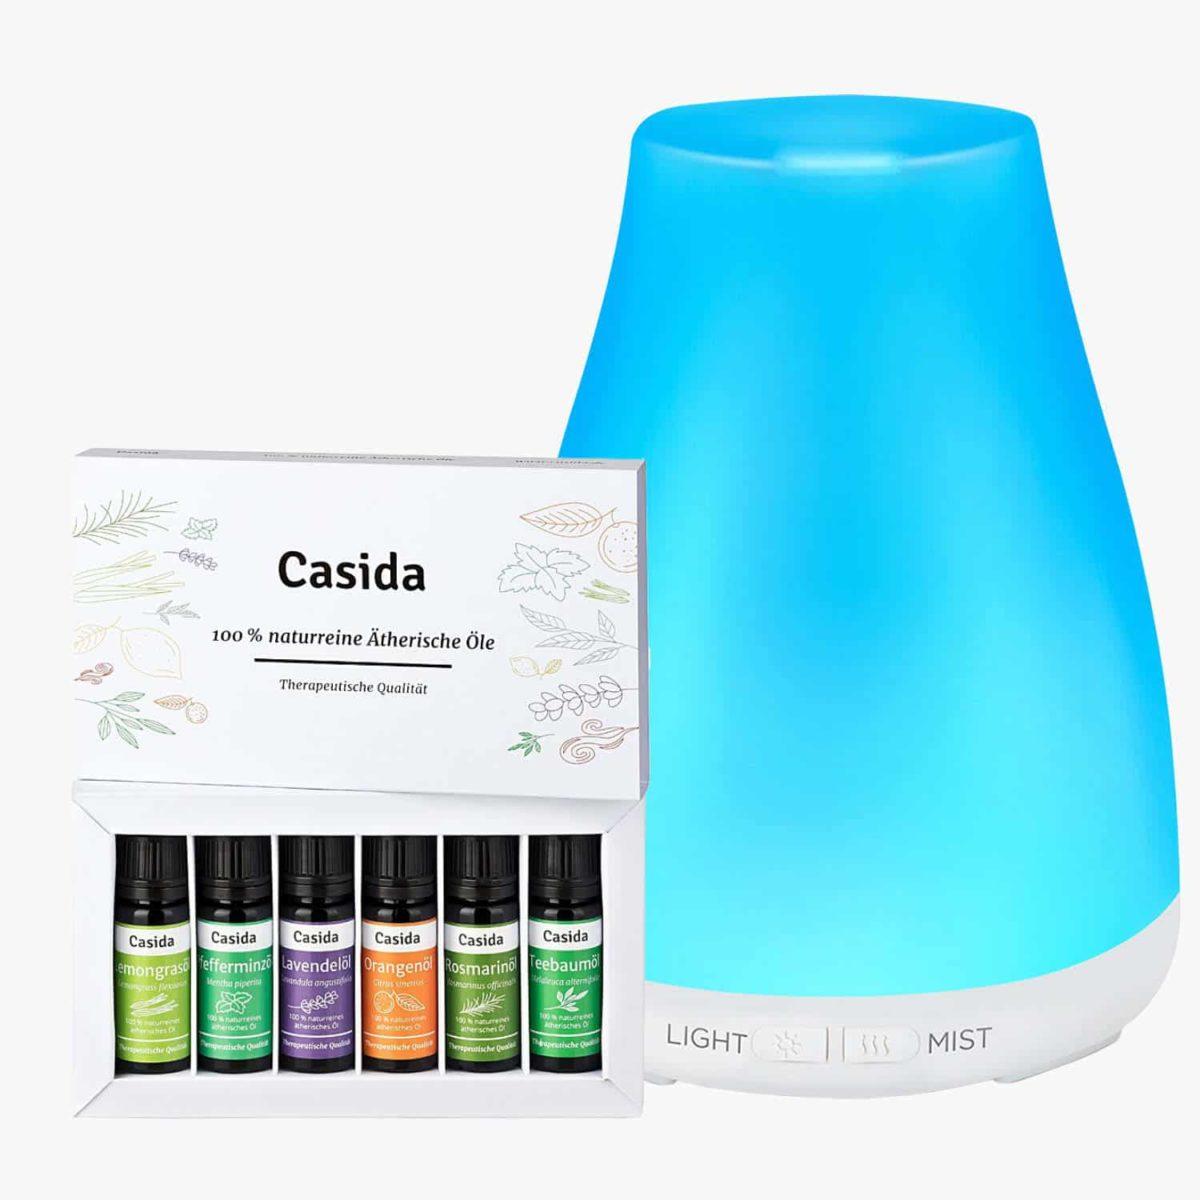 Casida Set Aroma Diffuser weiß mit Top 6 Ätherische Öle Set Lavendel, Teebaum, Pfefferminze, Orange, Rosmarin, Lemongras Luftbefeuchter LED